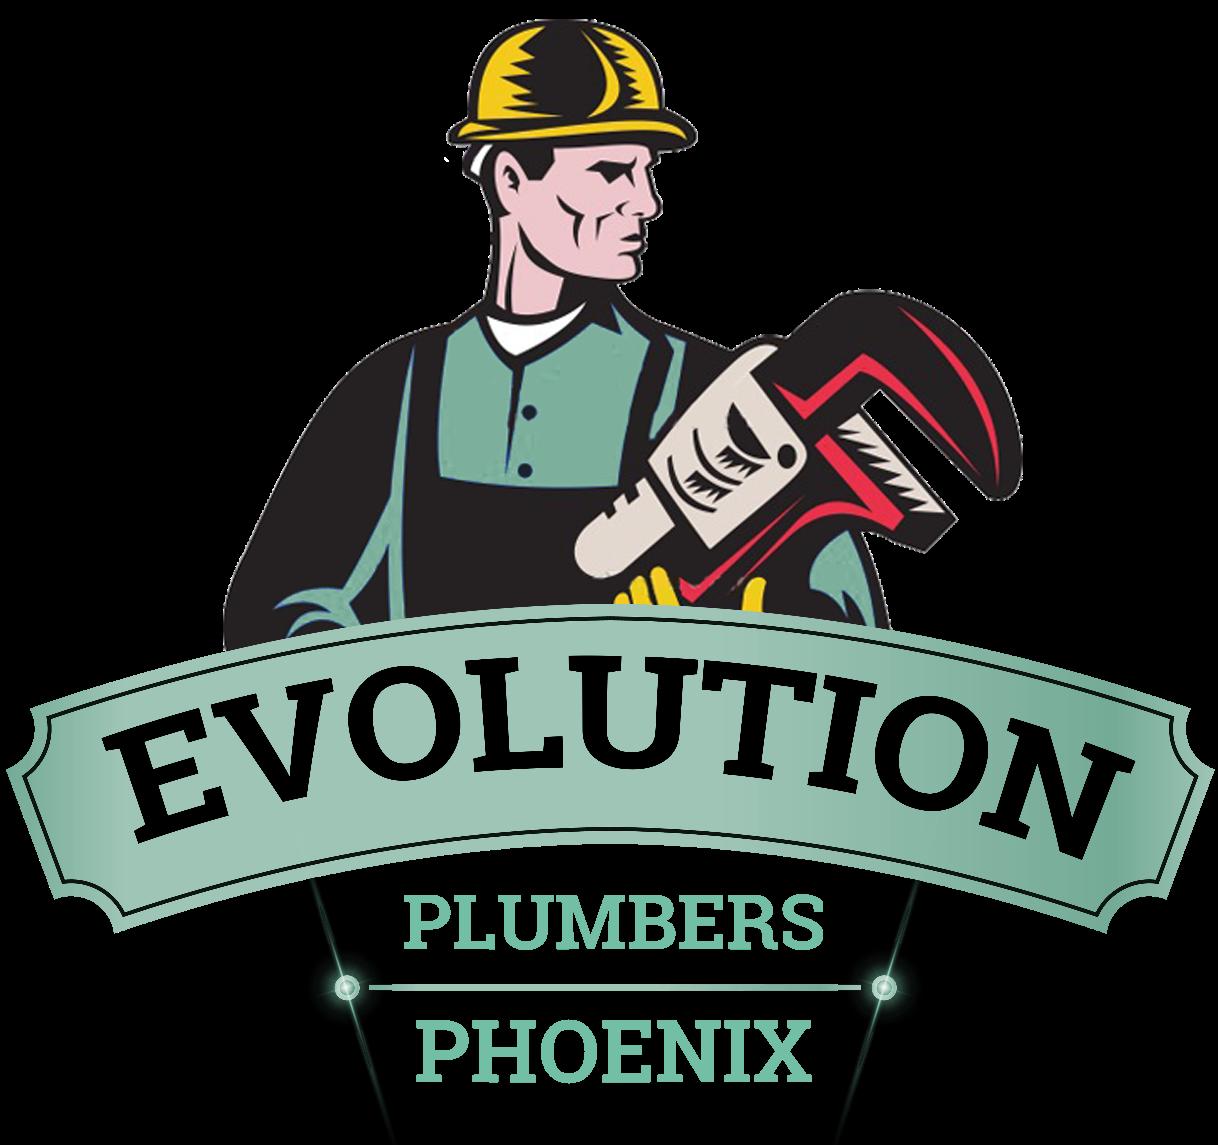 Mechanic clipart female plumber. Fitter job no s